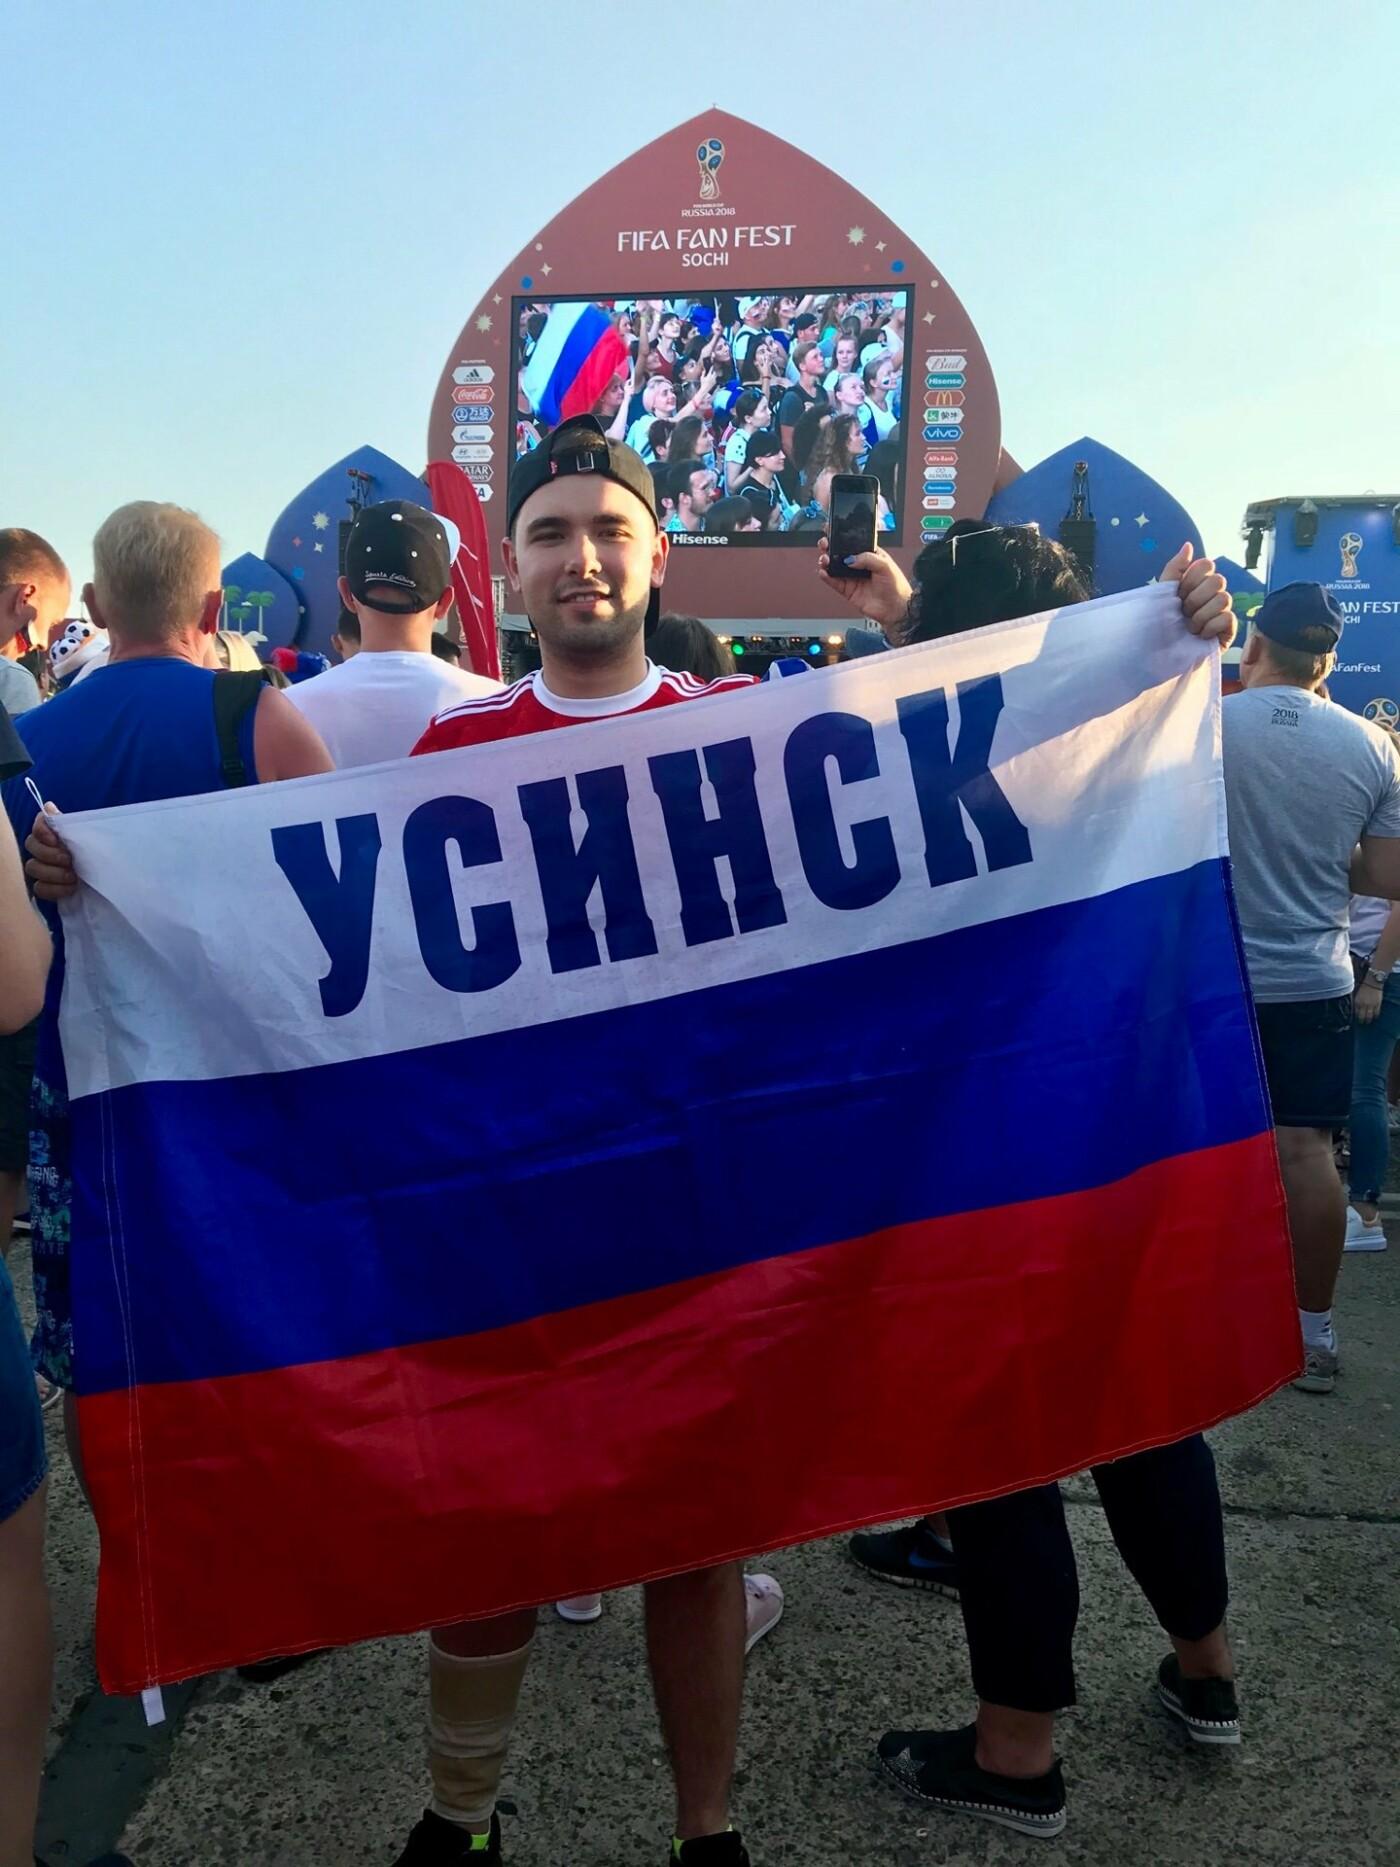 Усинец поддерживает сборную России в фан-зоне турнира.  Территория Южного мола морского порта города Сочи